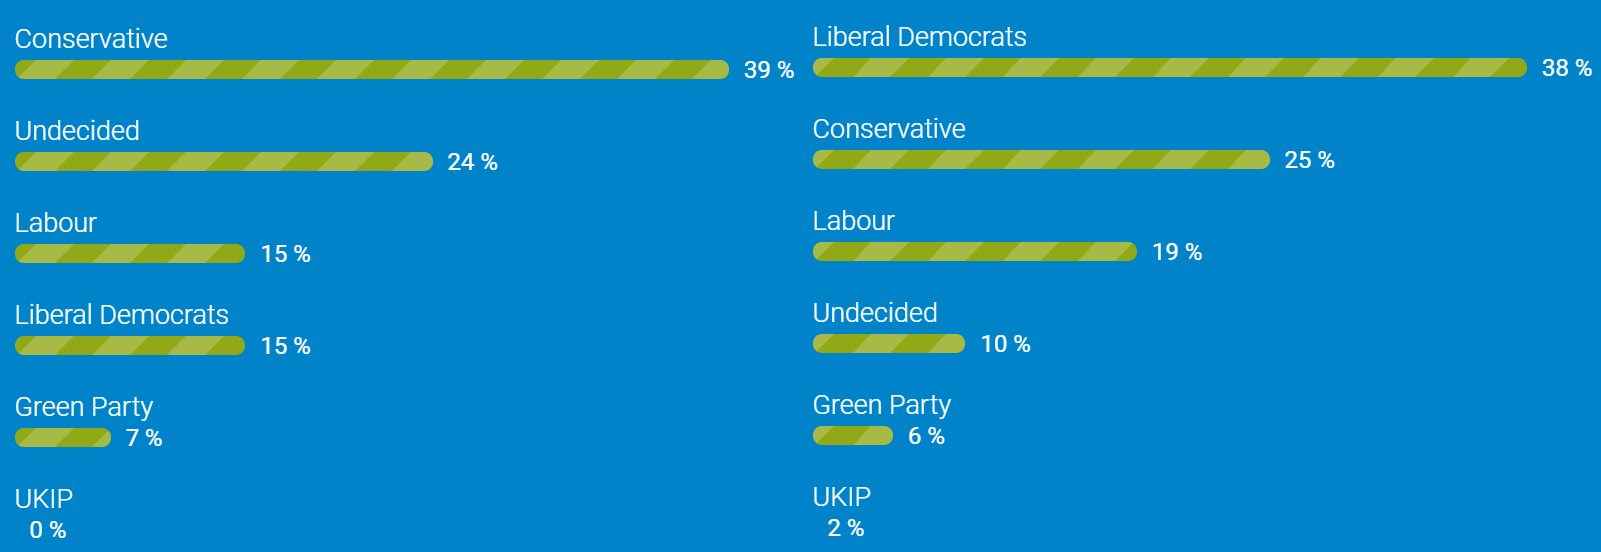 Debate Polls